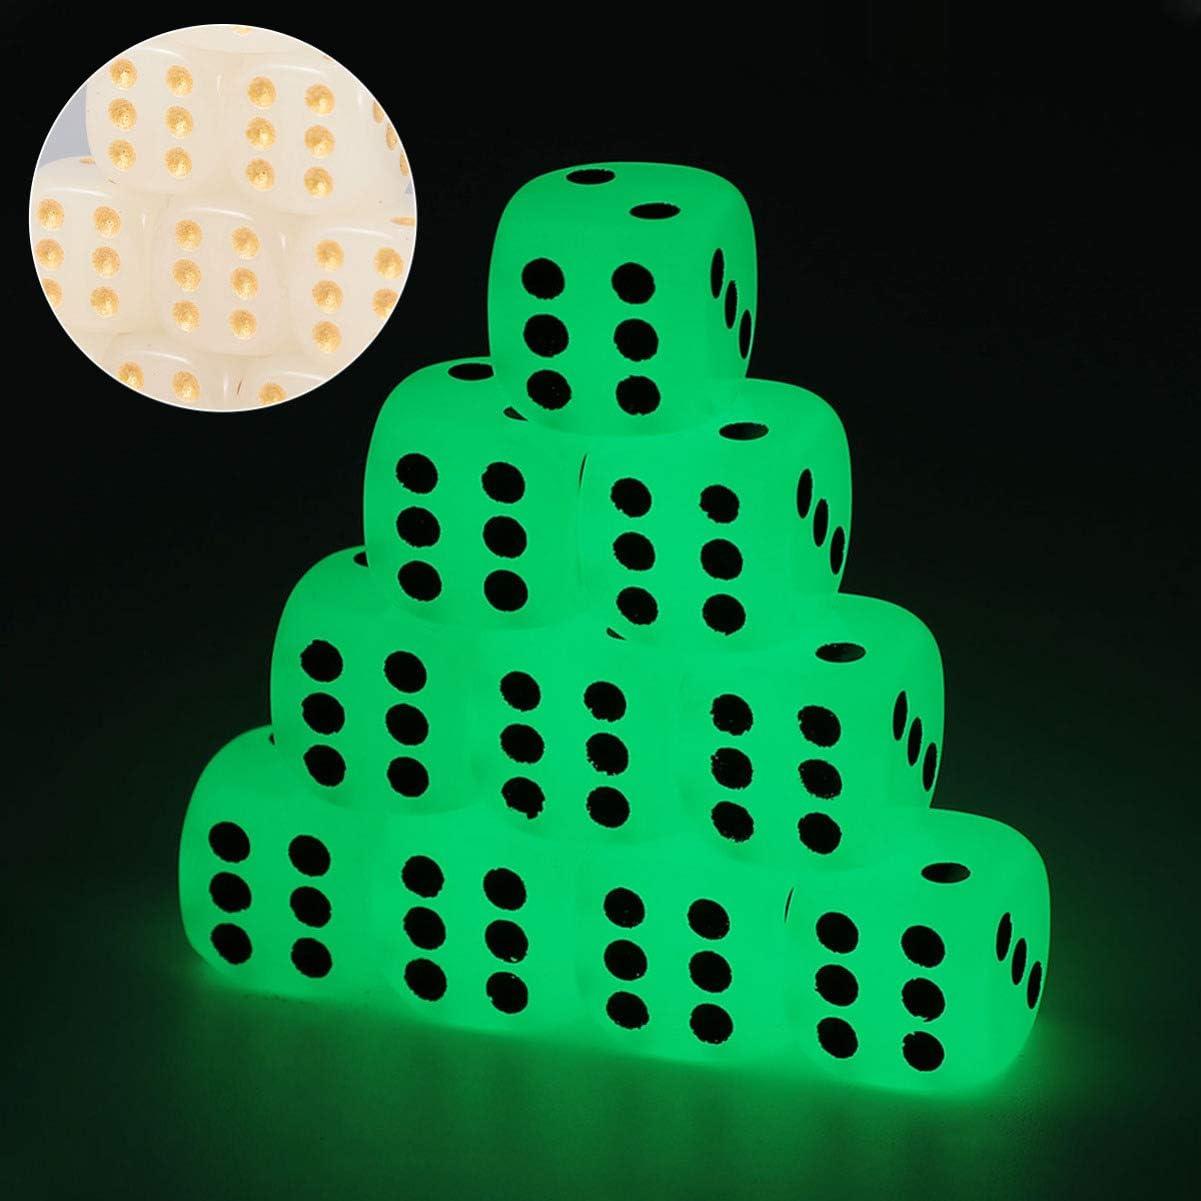 TOYANDONA Juego de Dados de 6 Piezas de 10 Piezas Juego de Dados de Seis Caras Que Brillan en La Oscuridad Mueren Dados para MTG RPG Tenzi Farkle Yahtzee Bunco Juego de Mesa de Matem/áticas